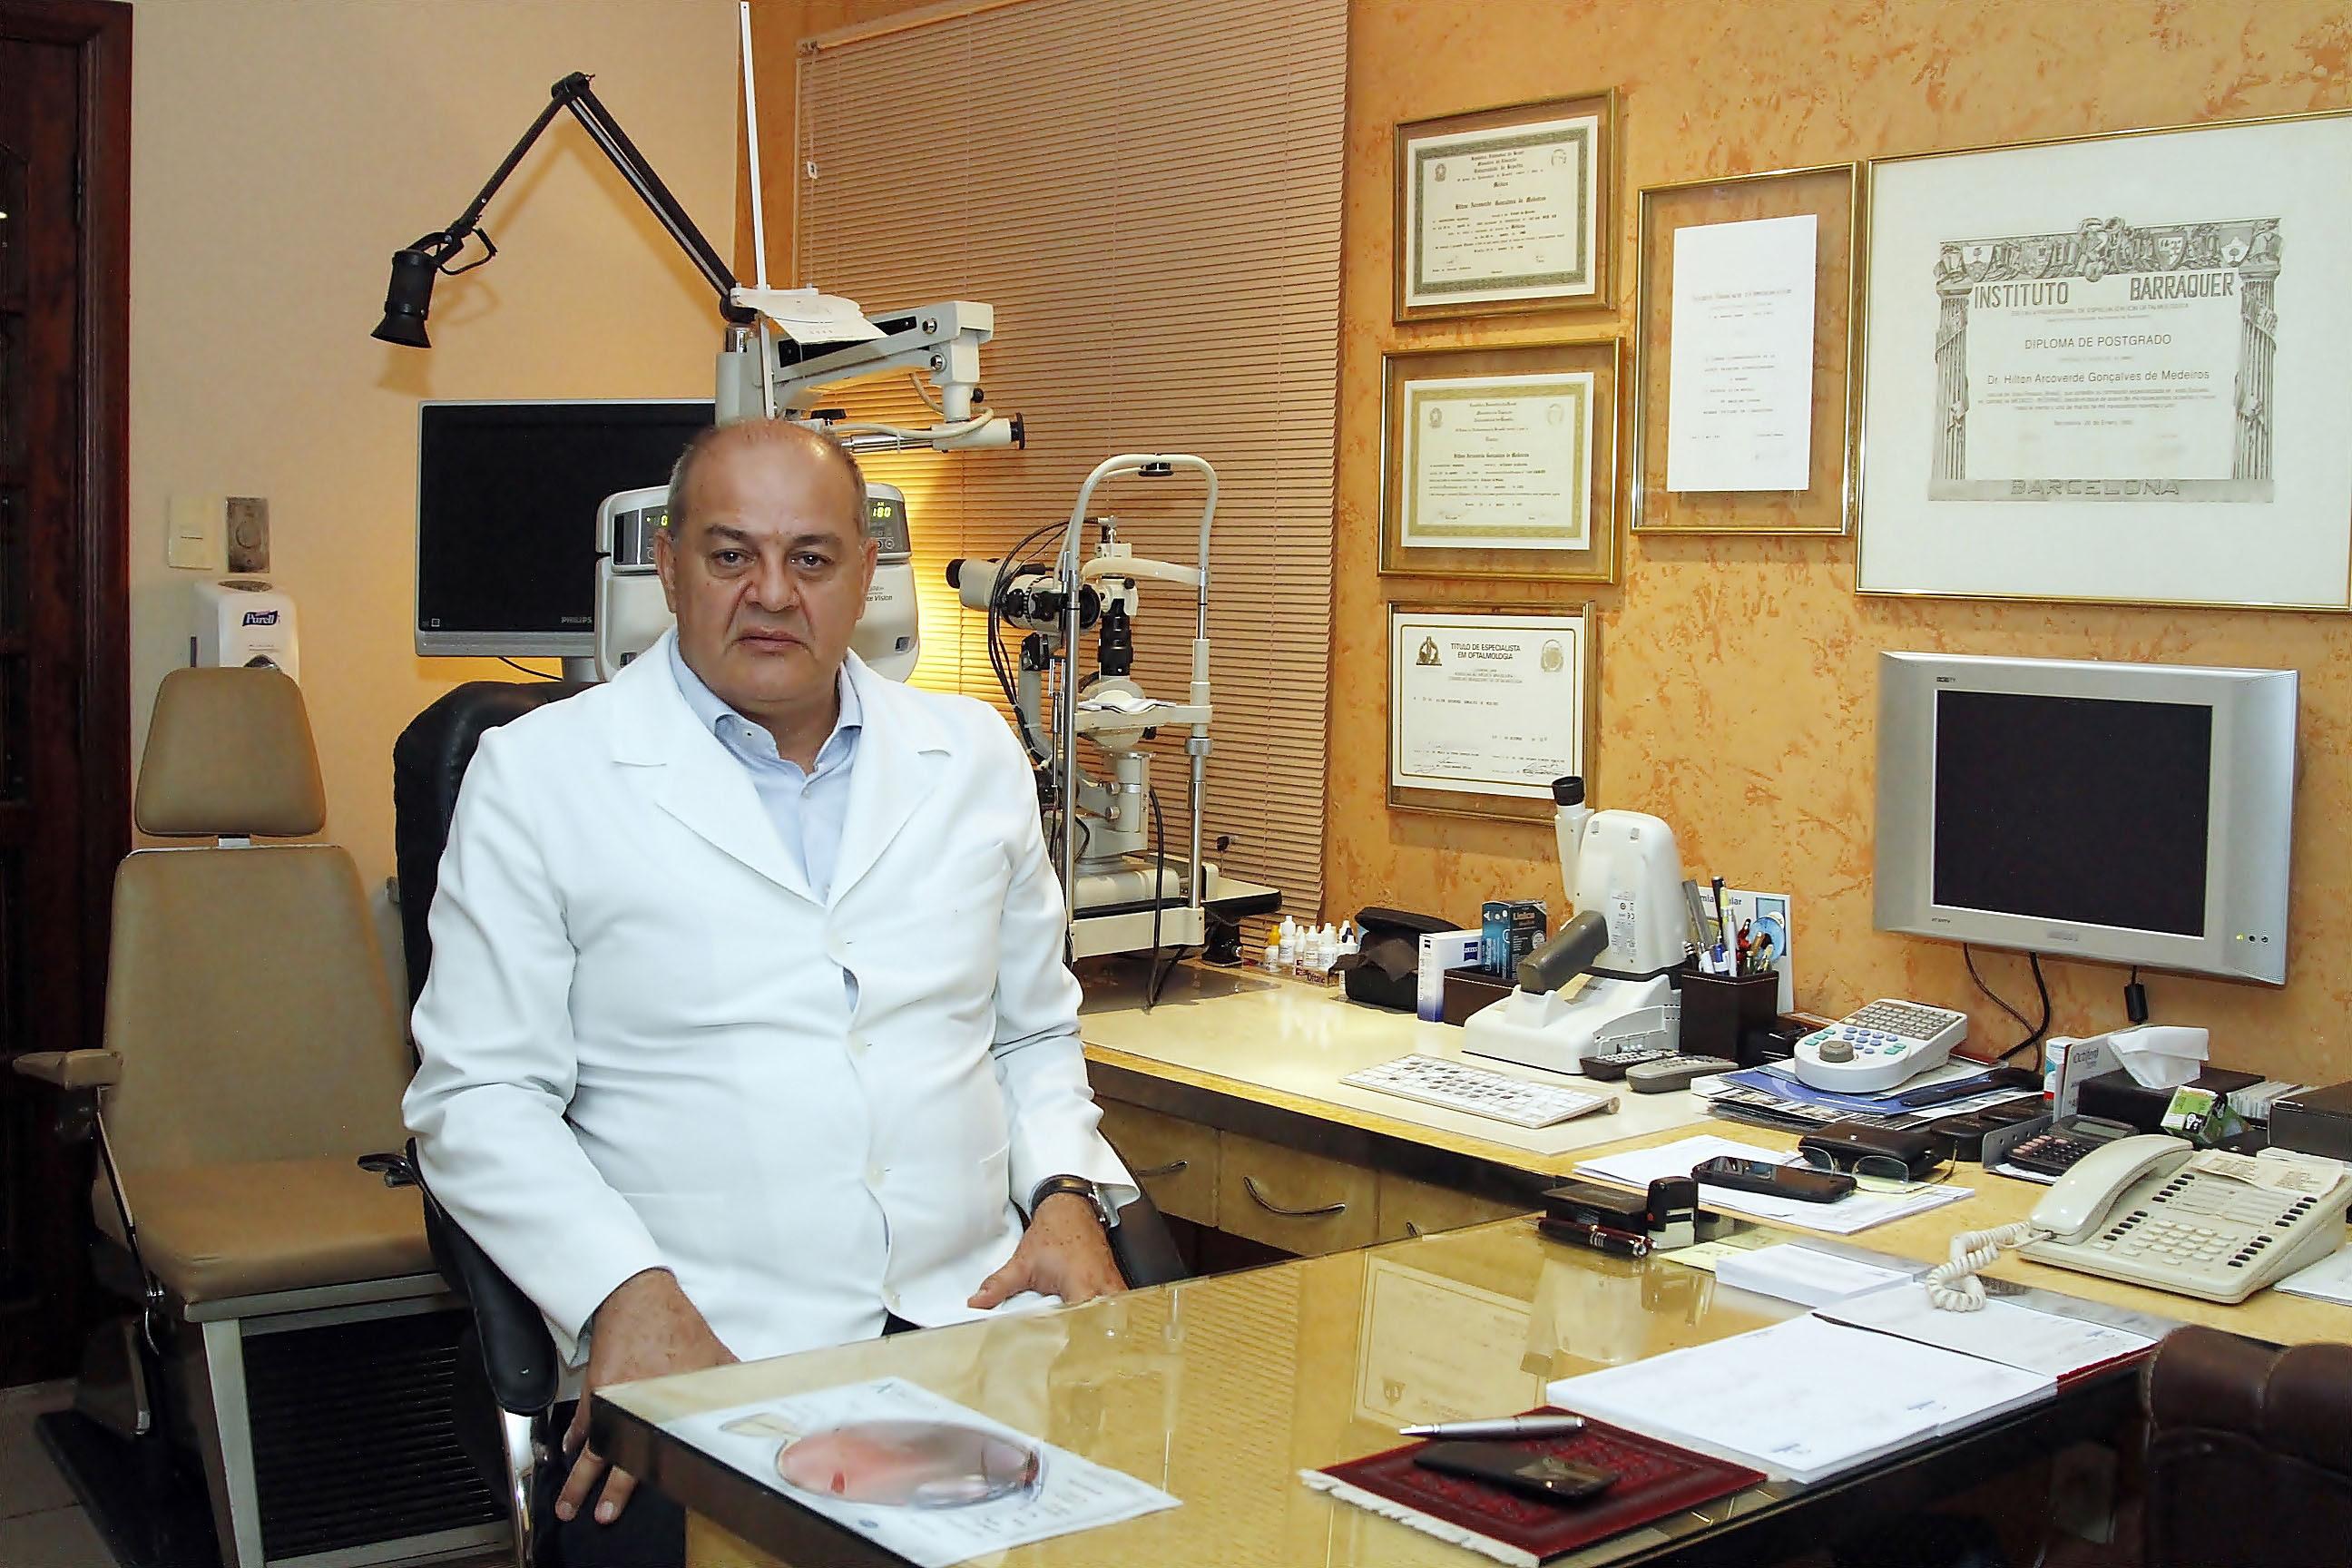 Melanoma ocular que vitimou Roberto Leal está entre os tipos mais devastadores de câncer